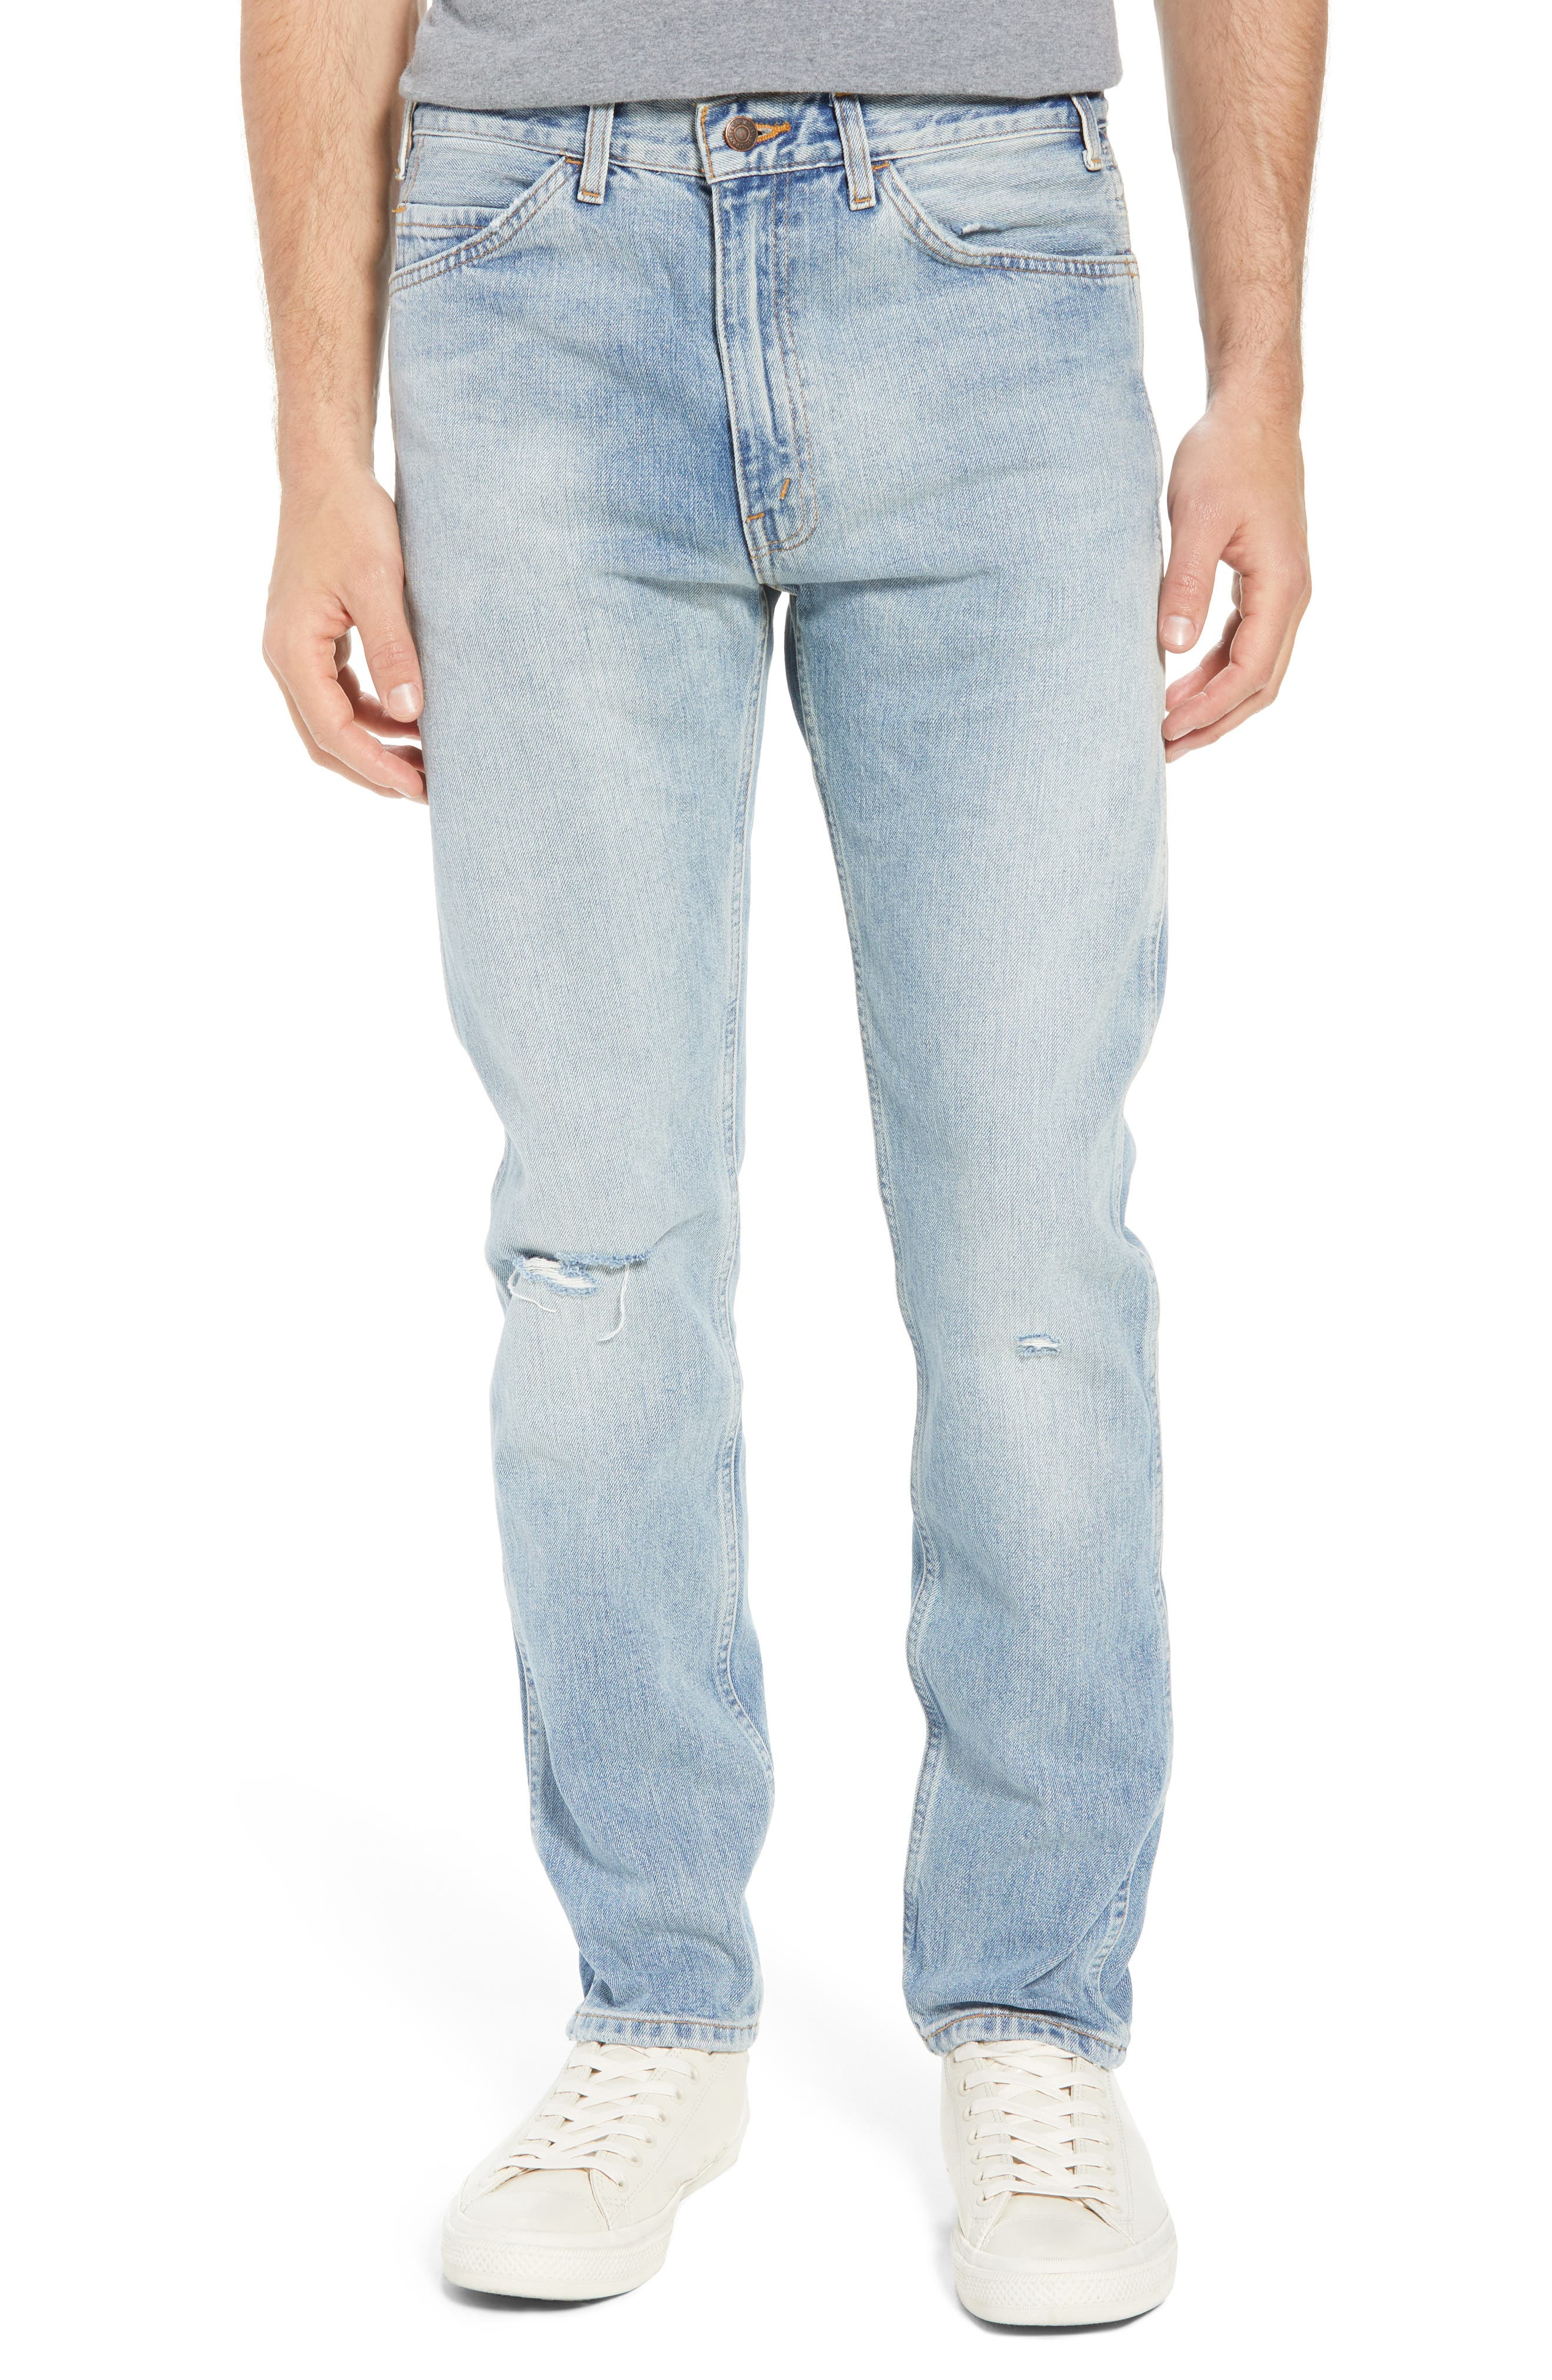 Levi's® Vintage Clothing 1969 606™ Jeans